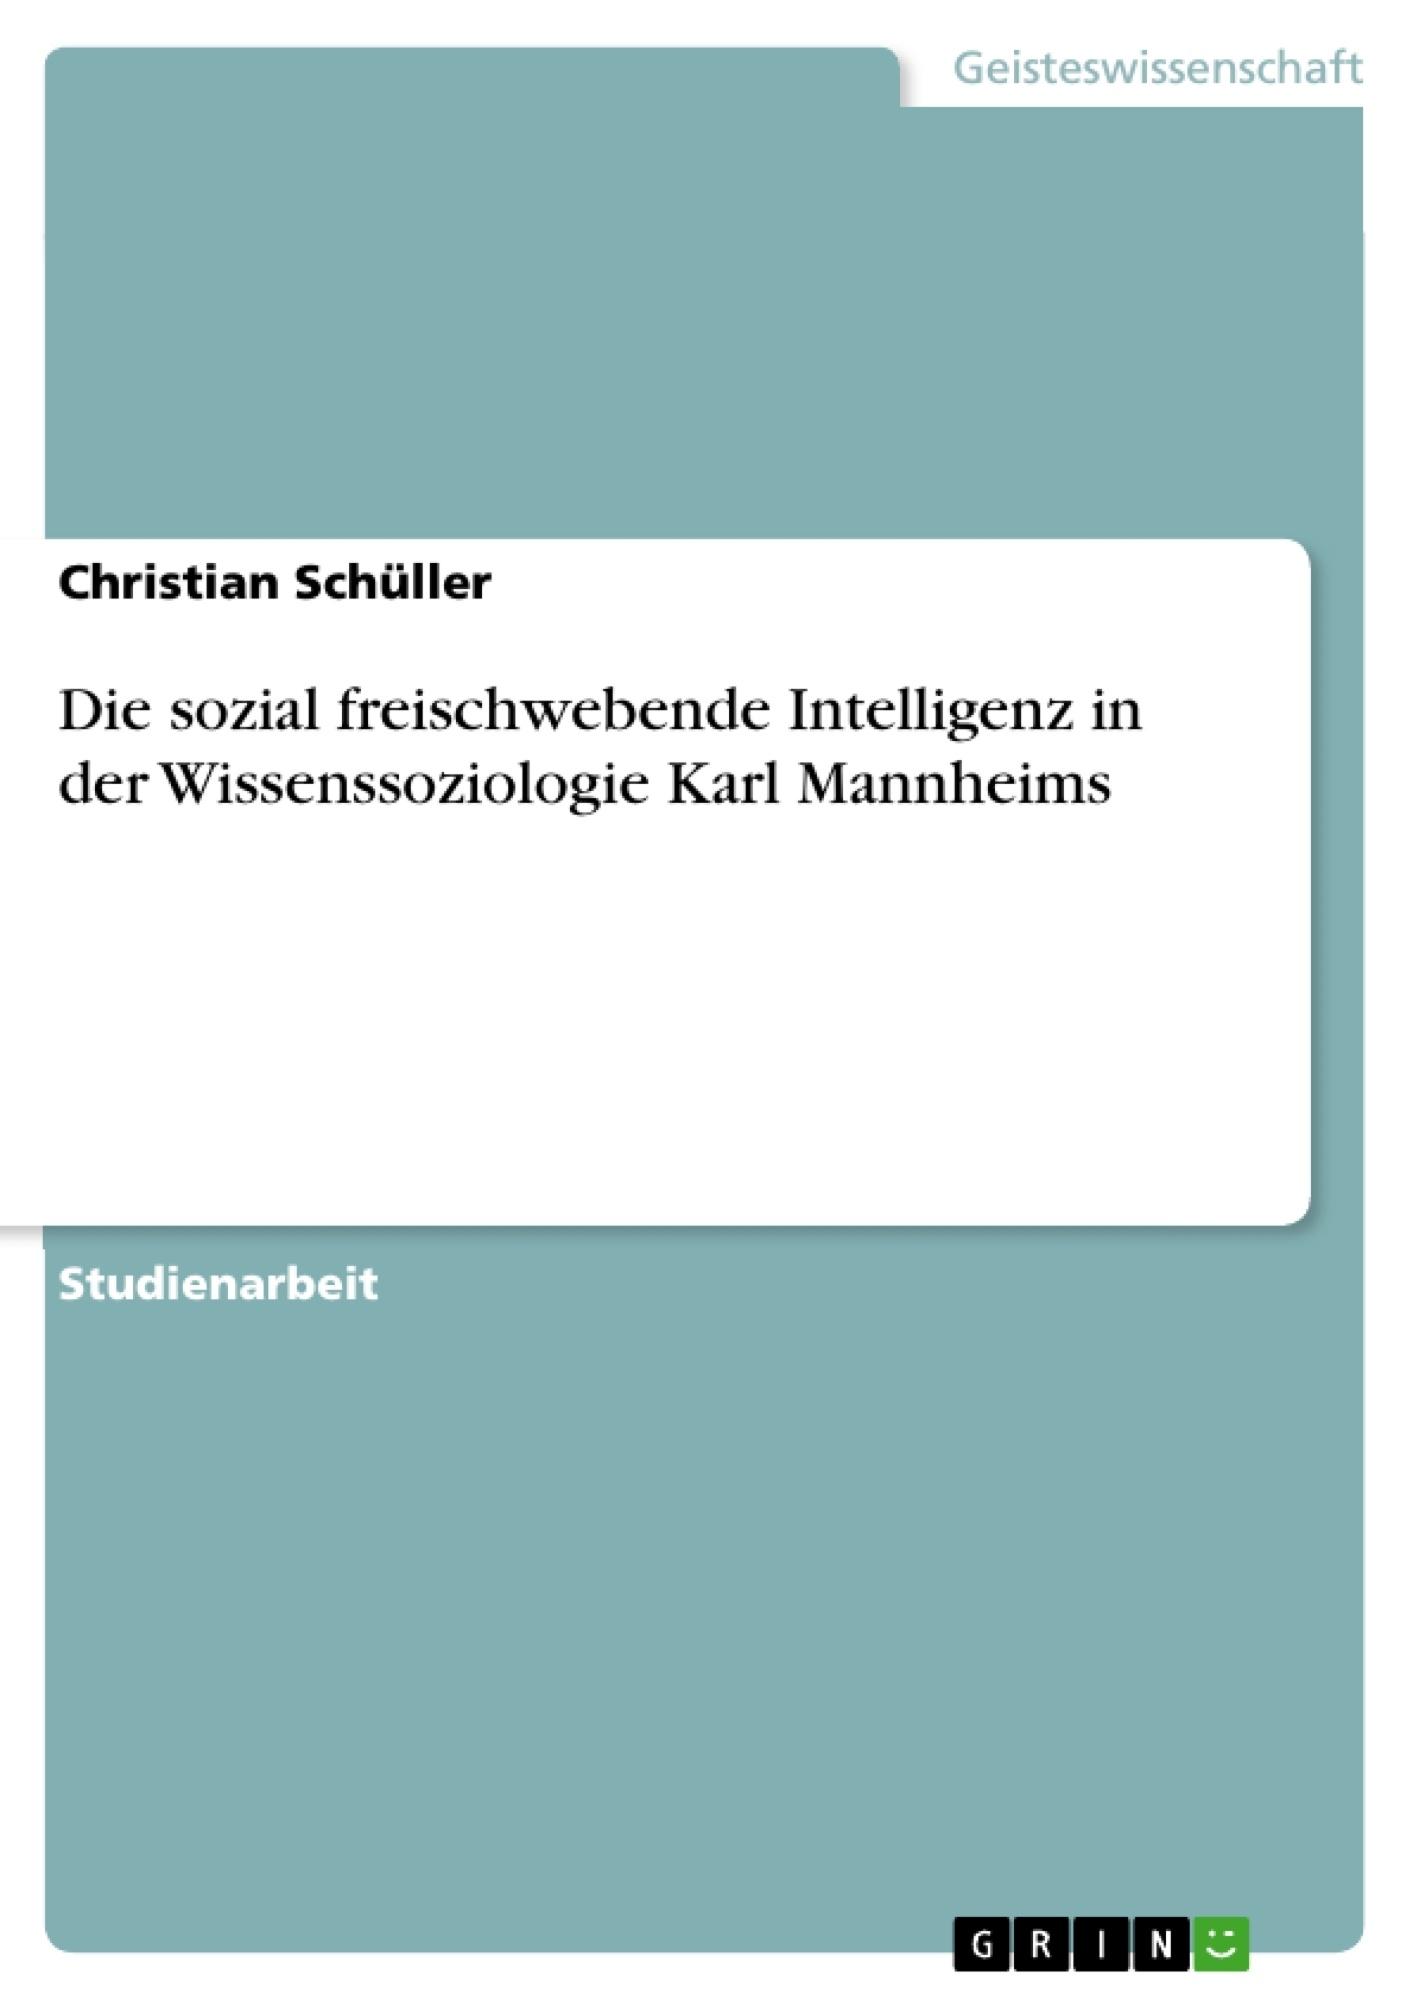 Titel: Die sozial freischwebende Intelligenz in der Wissenssoziologie Karl Mannheims